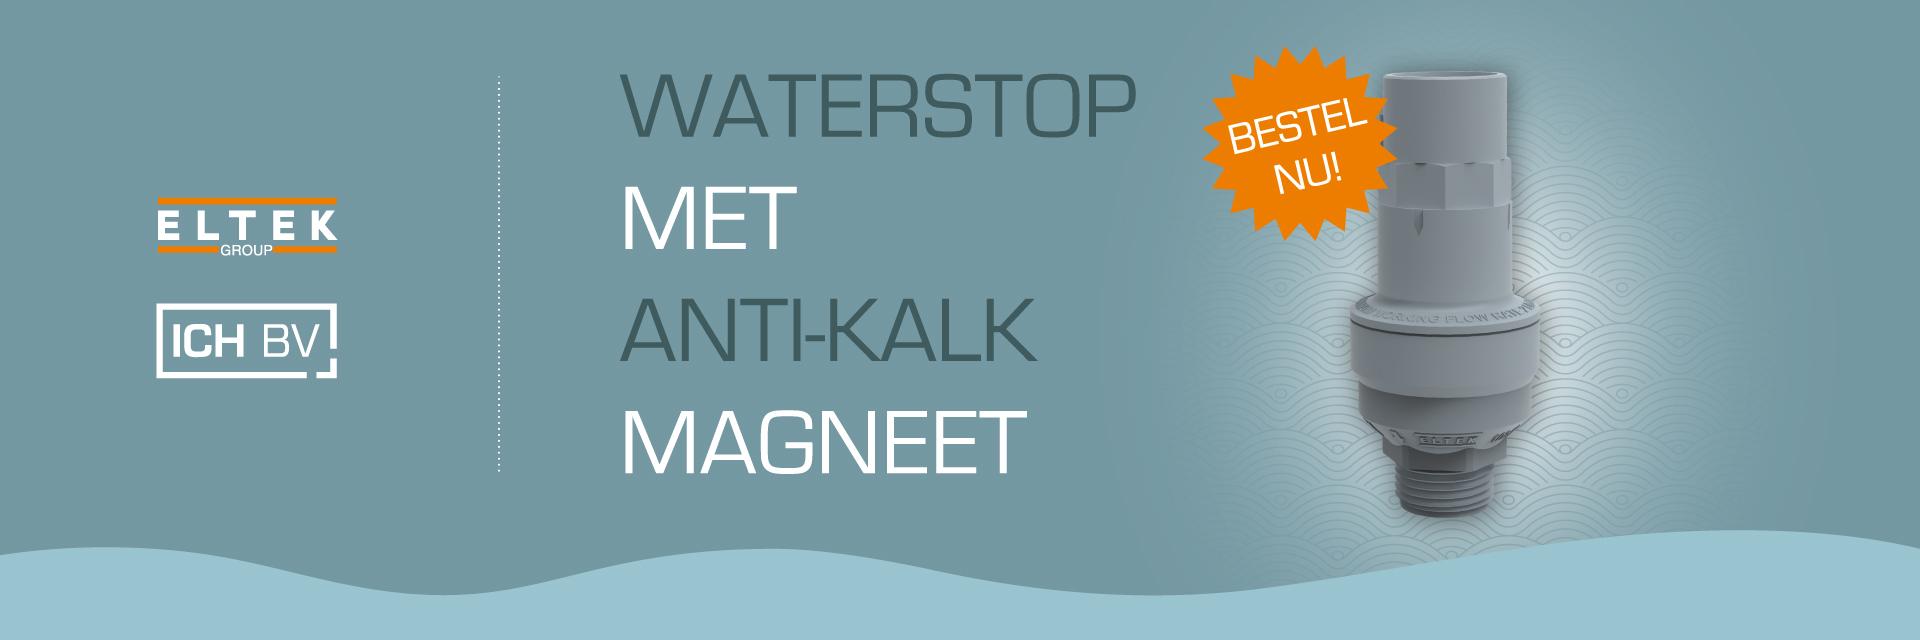 Waterstop met anti-kalk magneet